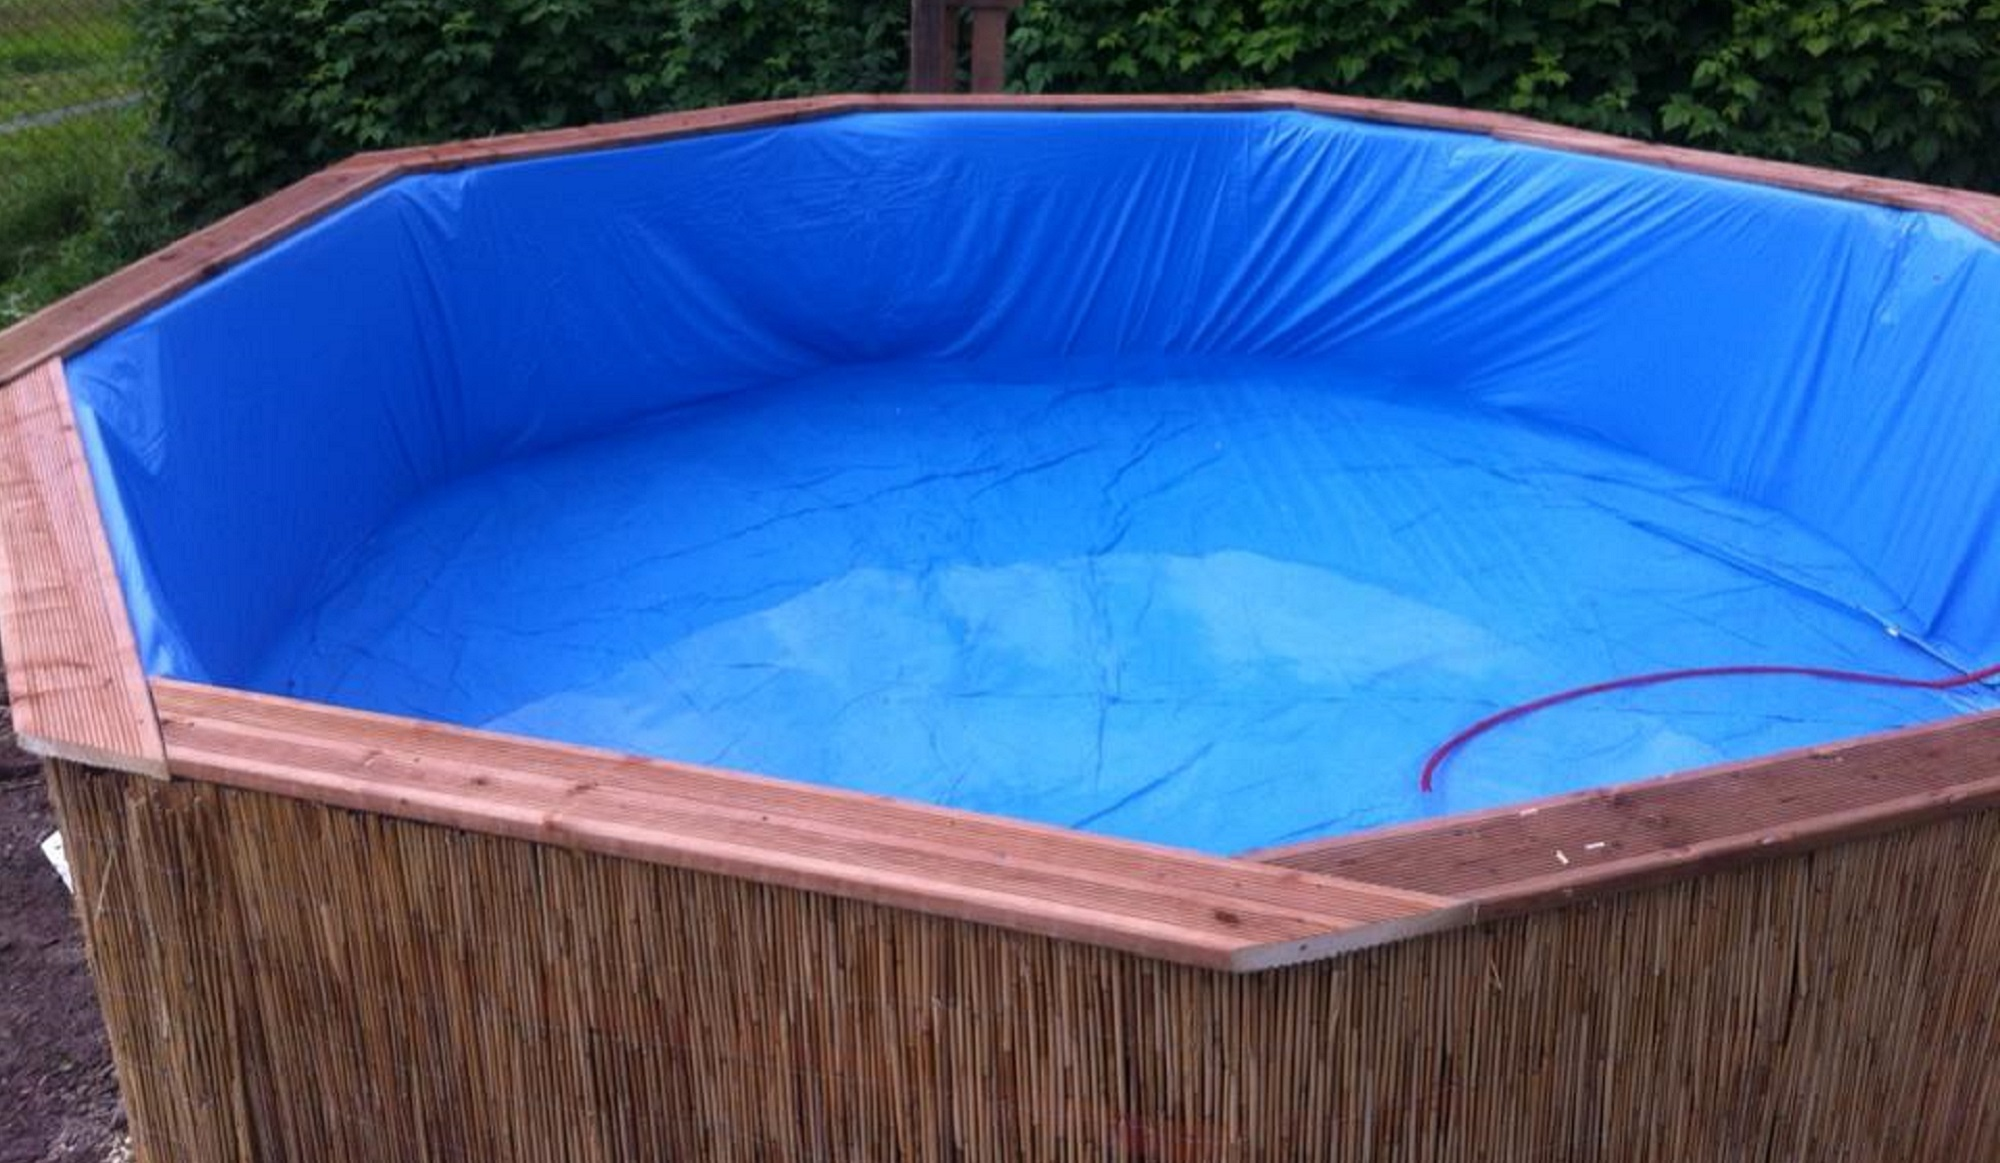 Fabriquer sa piscine diy en palettes pour moins de 100 - Fabriquer un chauffe eau piscine bois ...